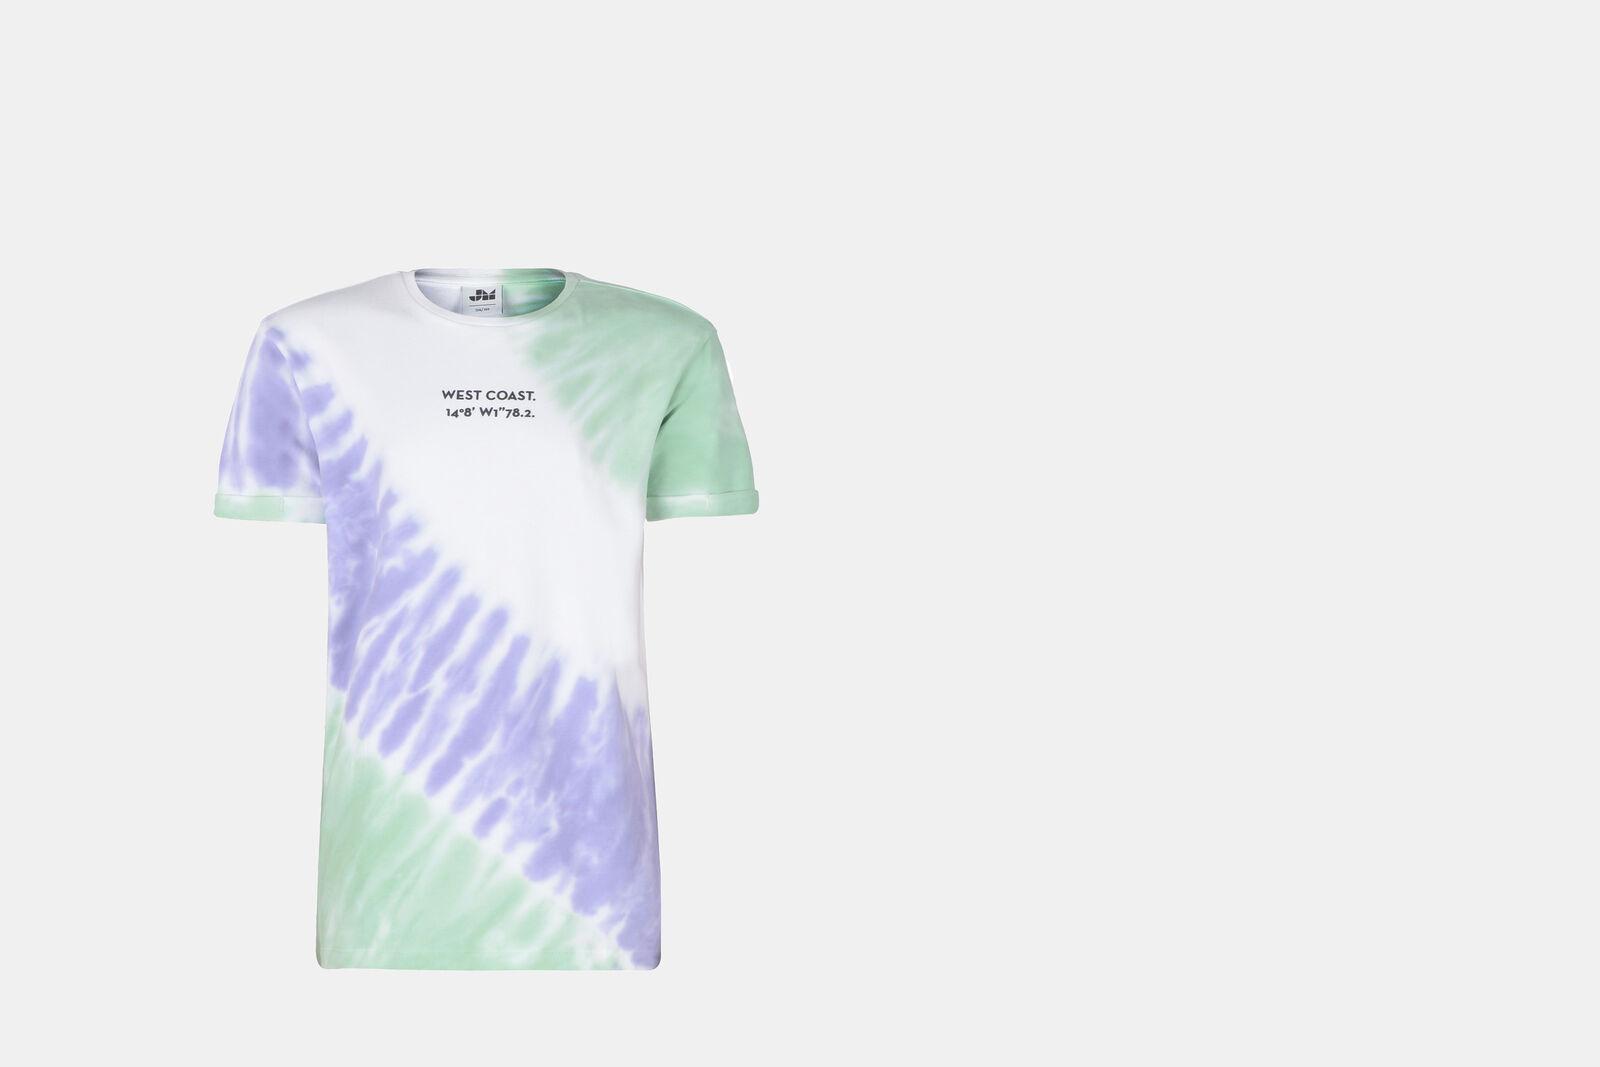 Balt T-shirt